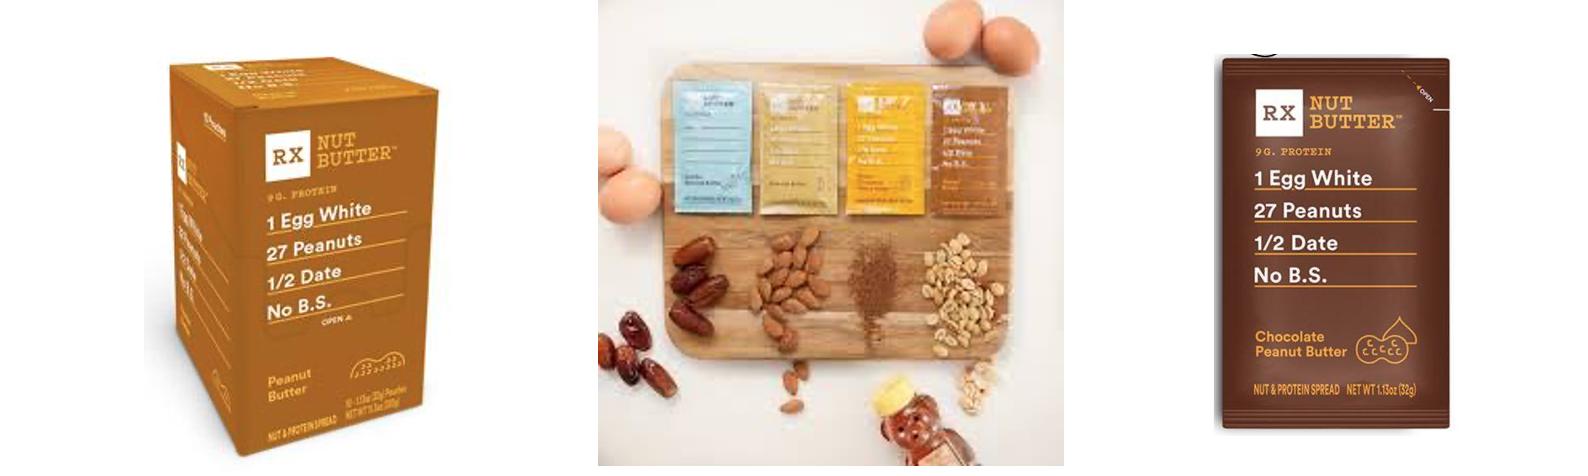 Capture d'écran 2020 03 15 à 21.16.34 - Un beurre de noix avec peu d'ingrédients